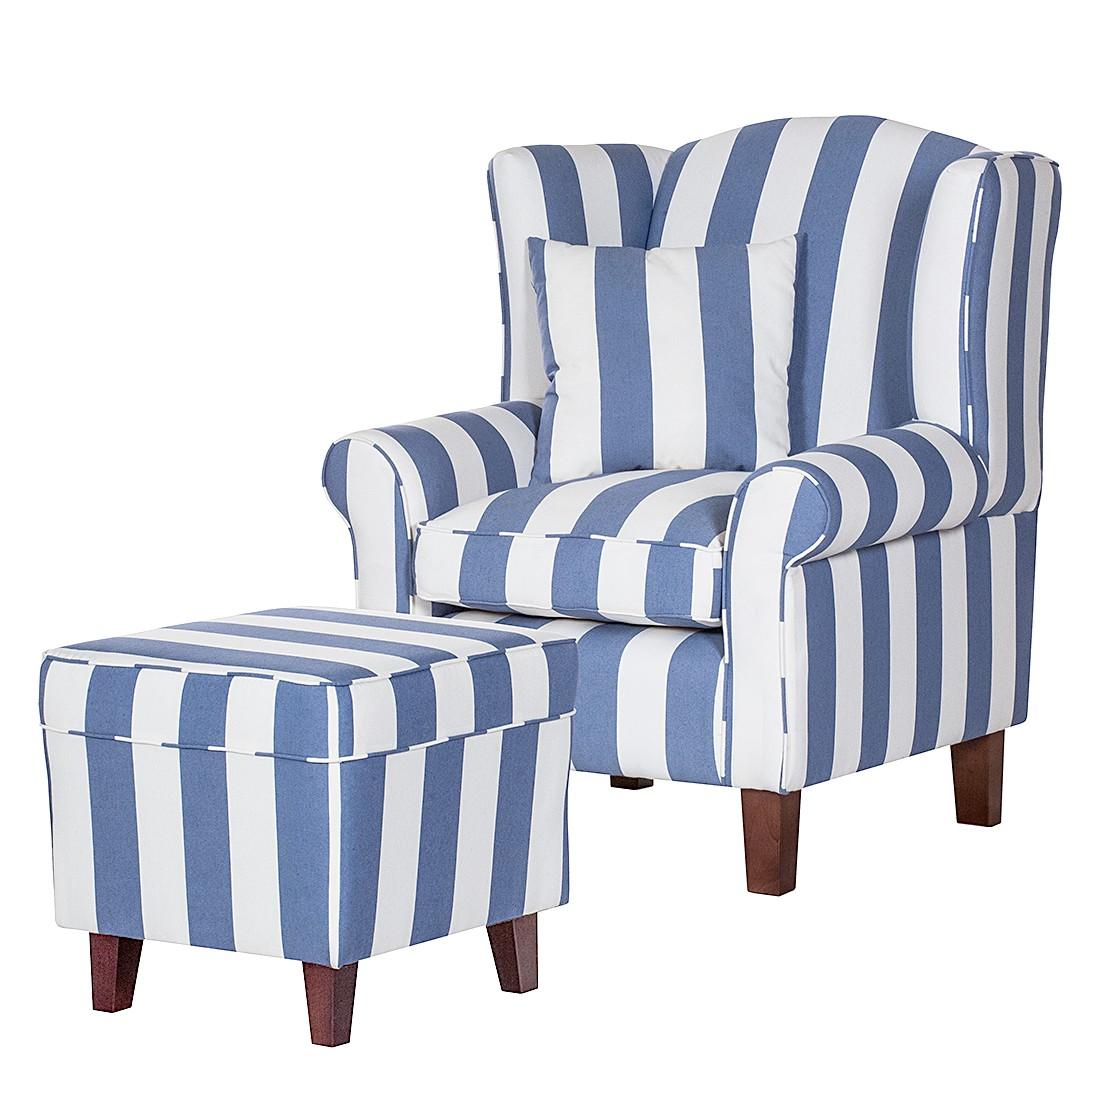 Fauteuil Colmar - Tissu bleu à rayures - Avec repose-pieds, Maison Belfort